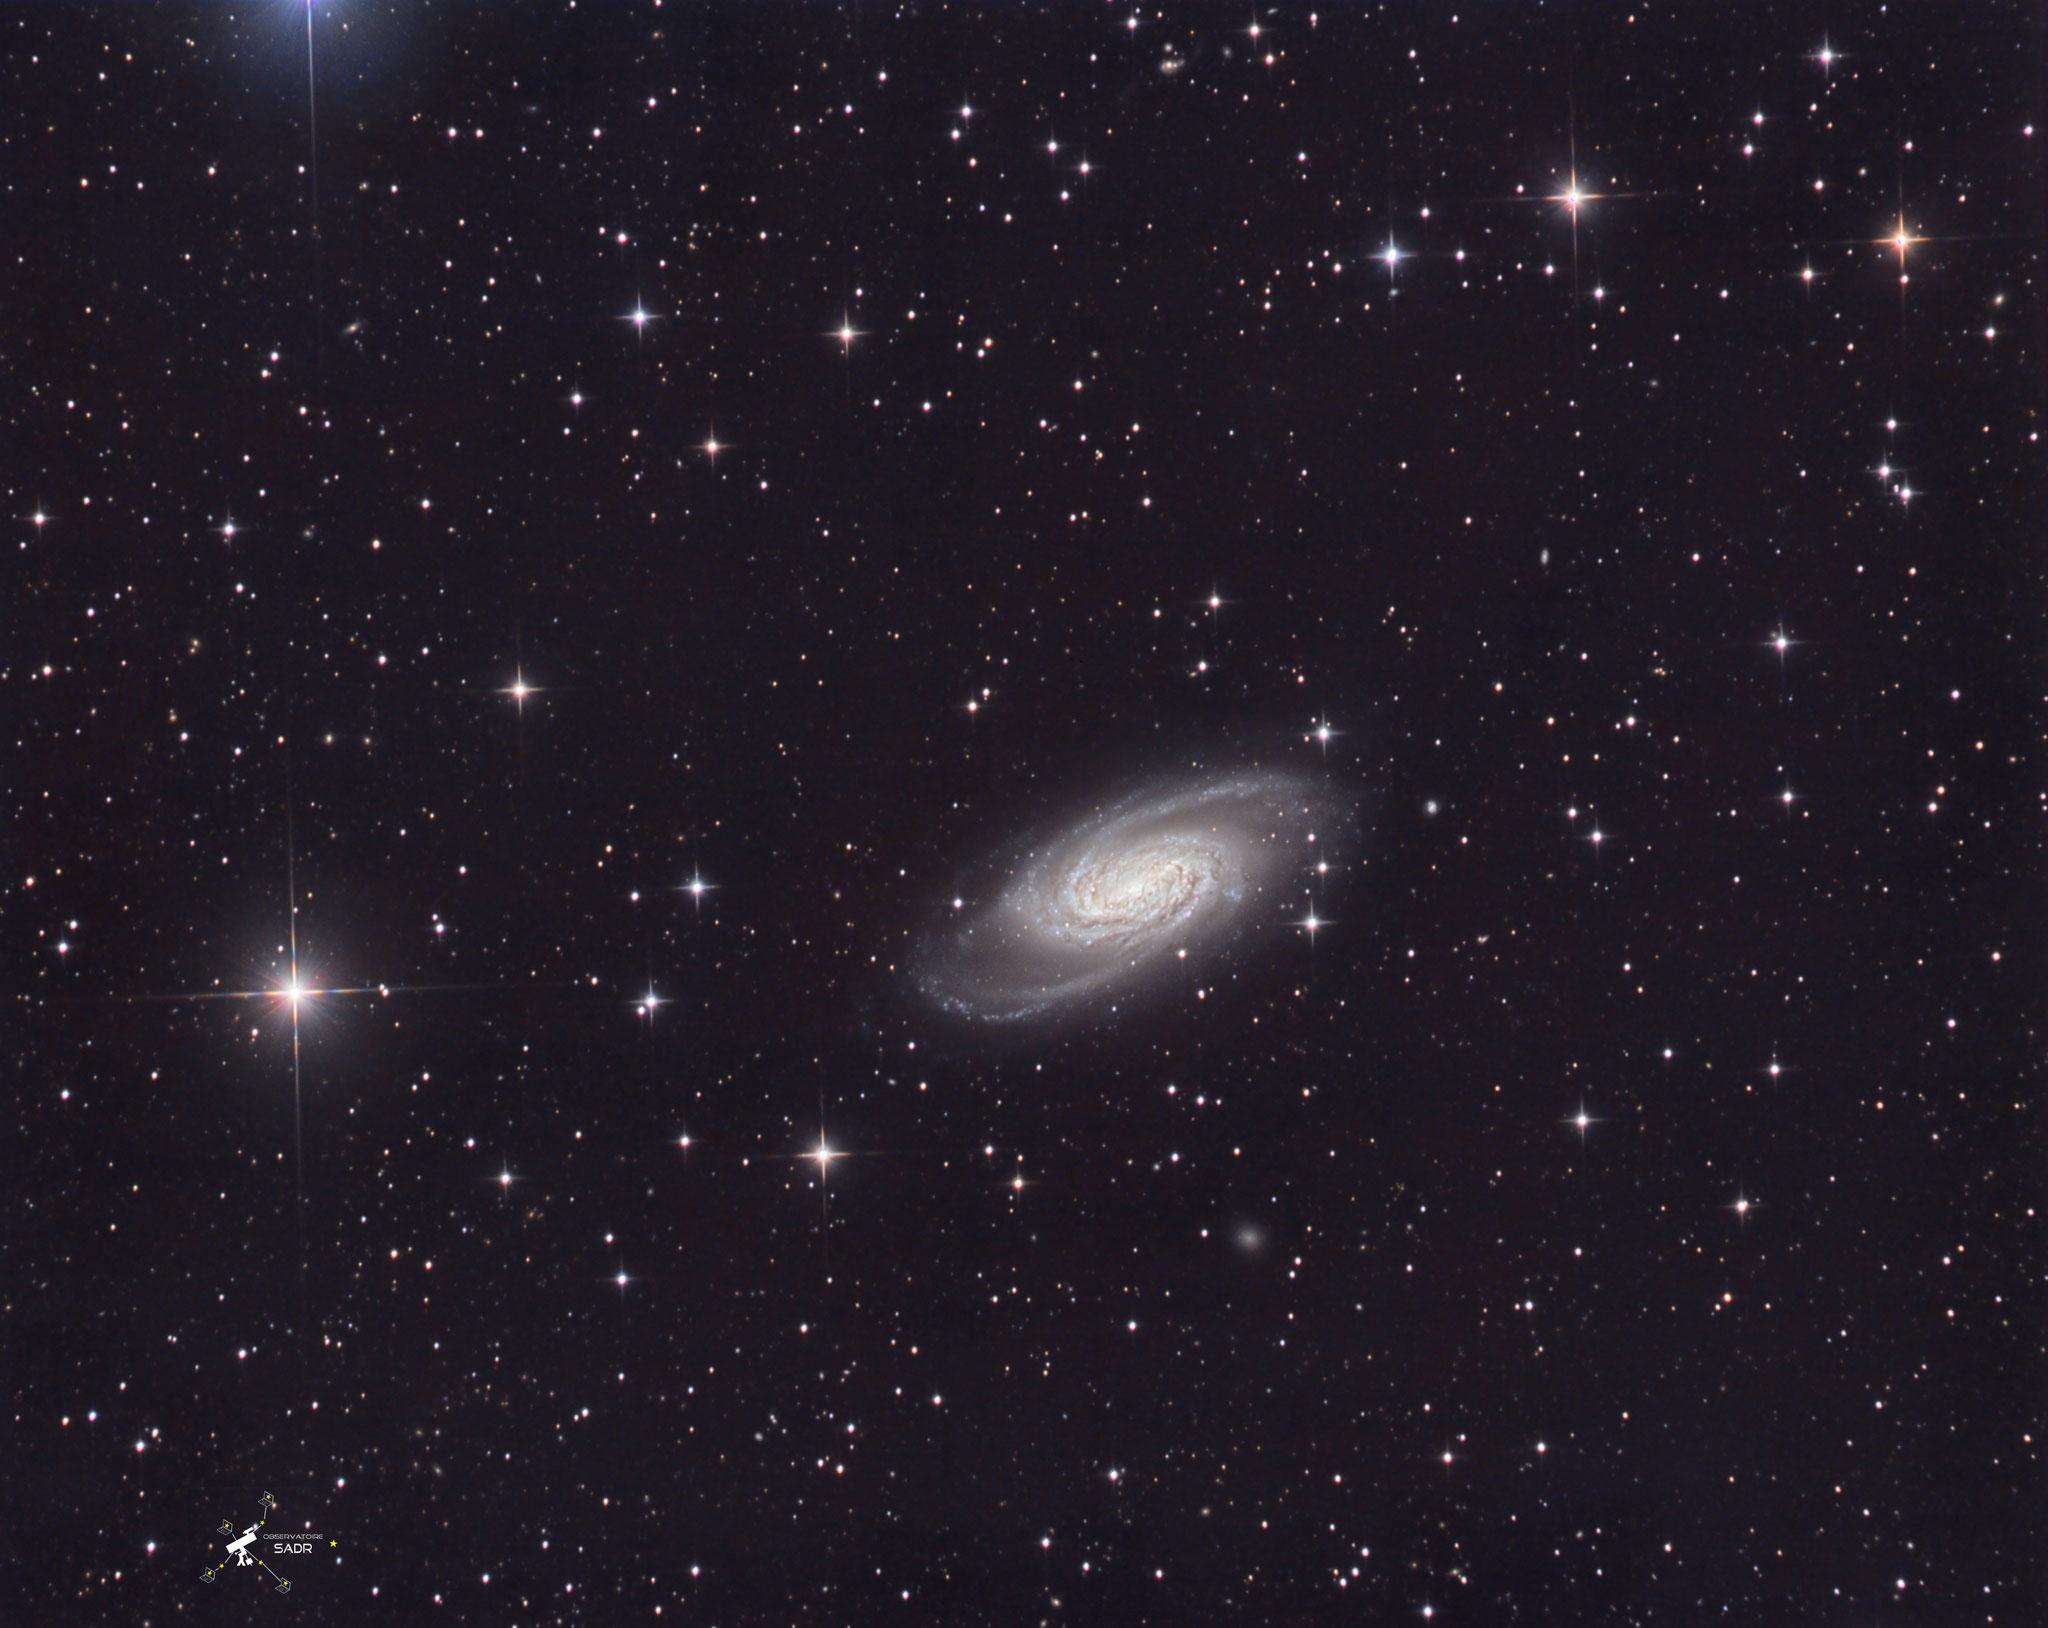 NGC2903 à 31 millions d'al dans la constellation du Lion. Des poses de 5 min en LRVB, T355, Chili, février 2019